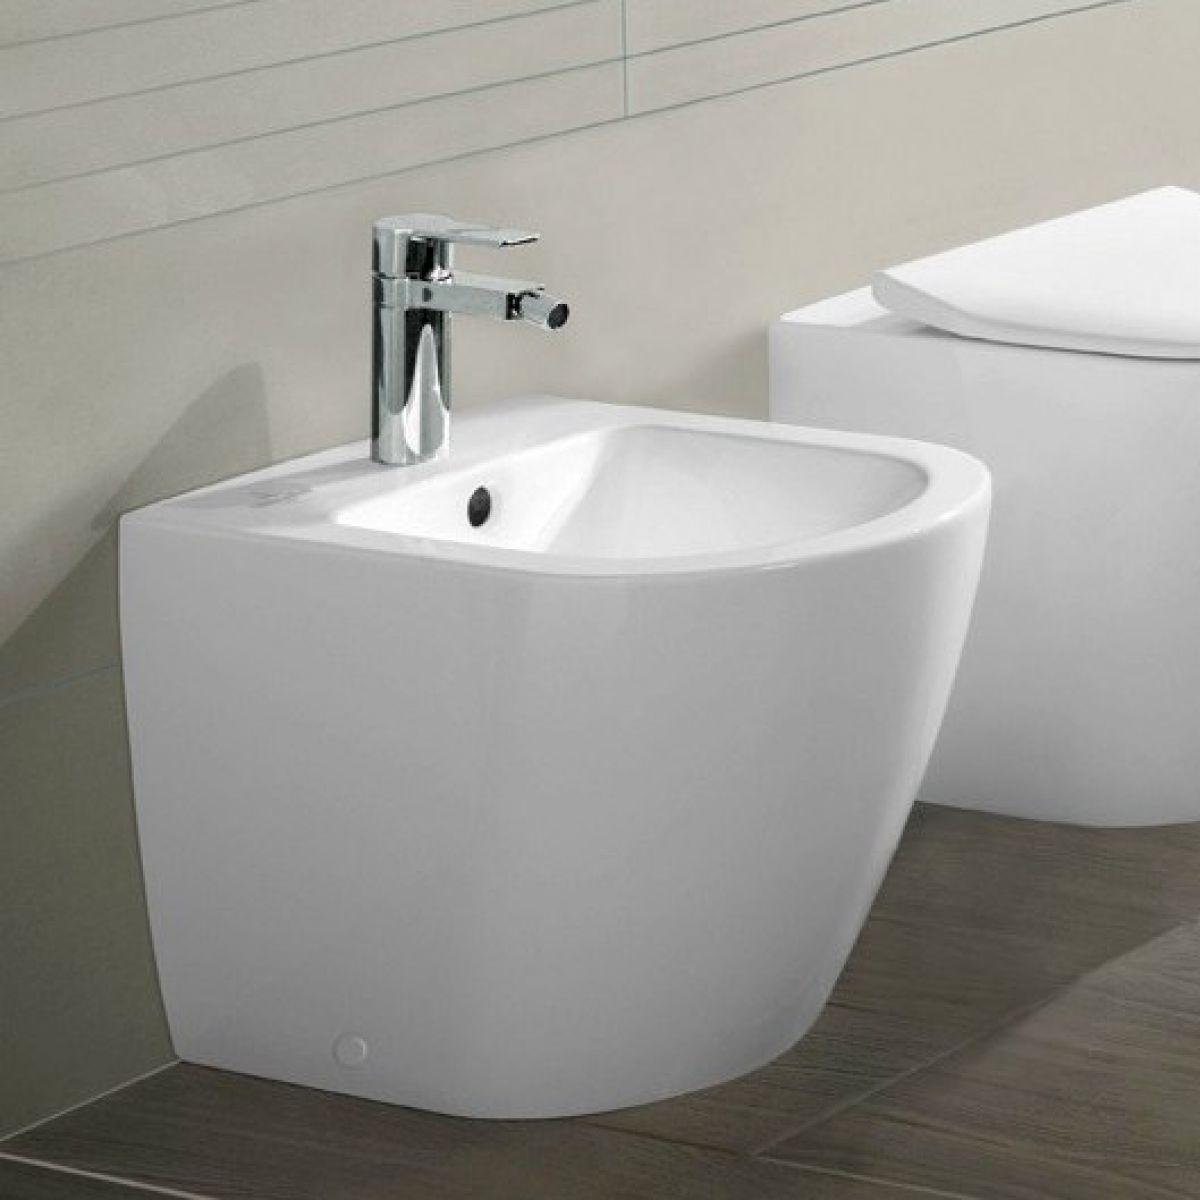 villeroy and boch subway 2 0 floor standing bidet uk bathrooms. Black Bedroom Furniture Sets. Home Design Ideas